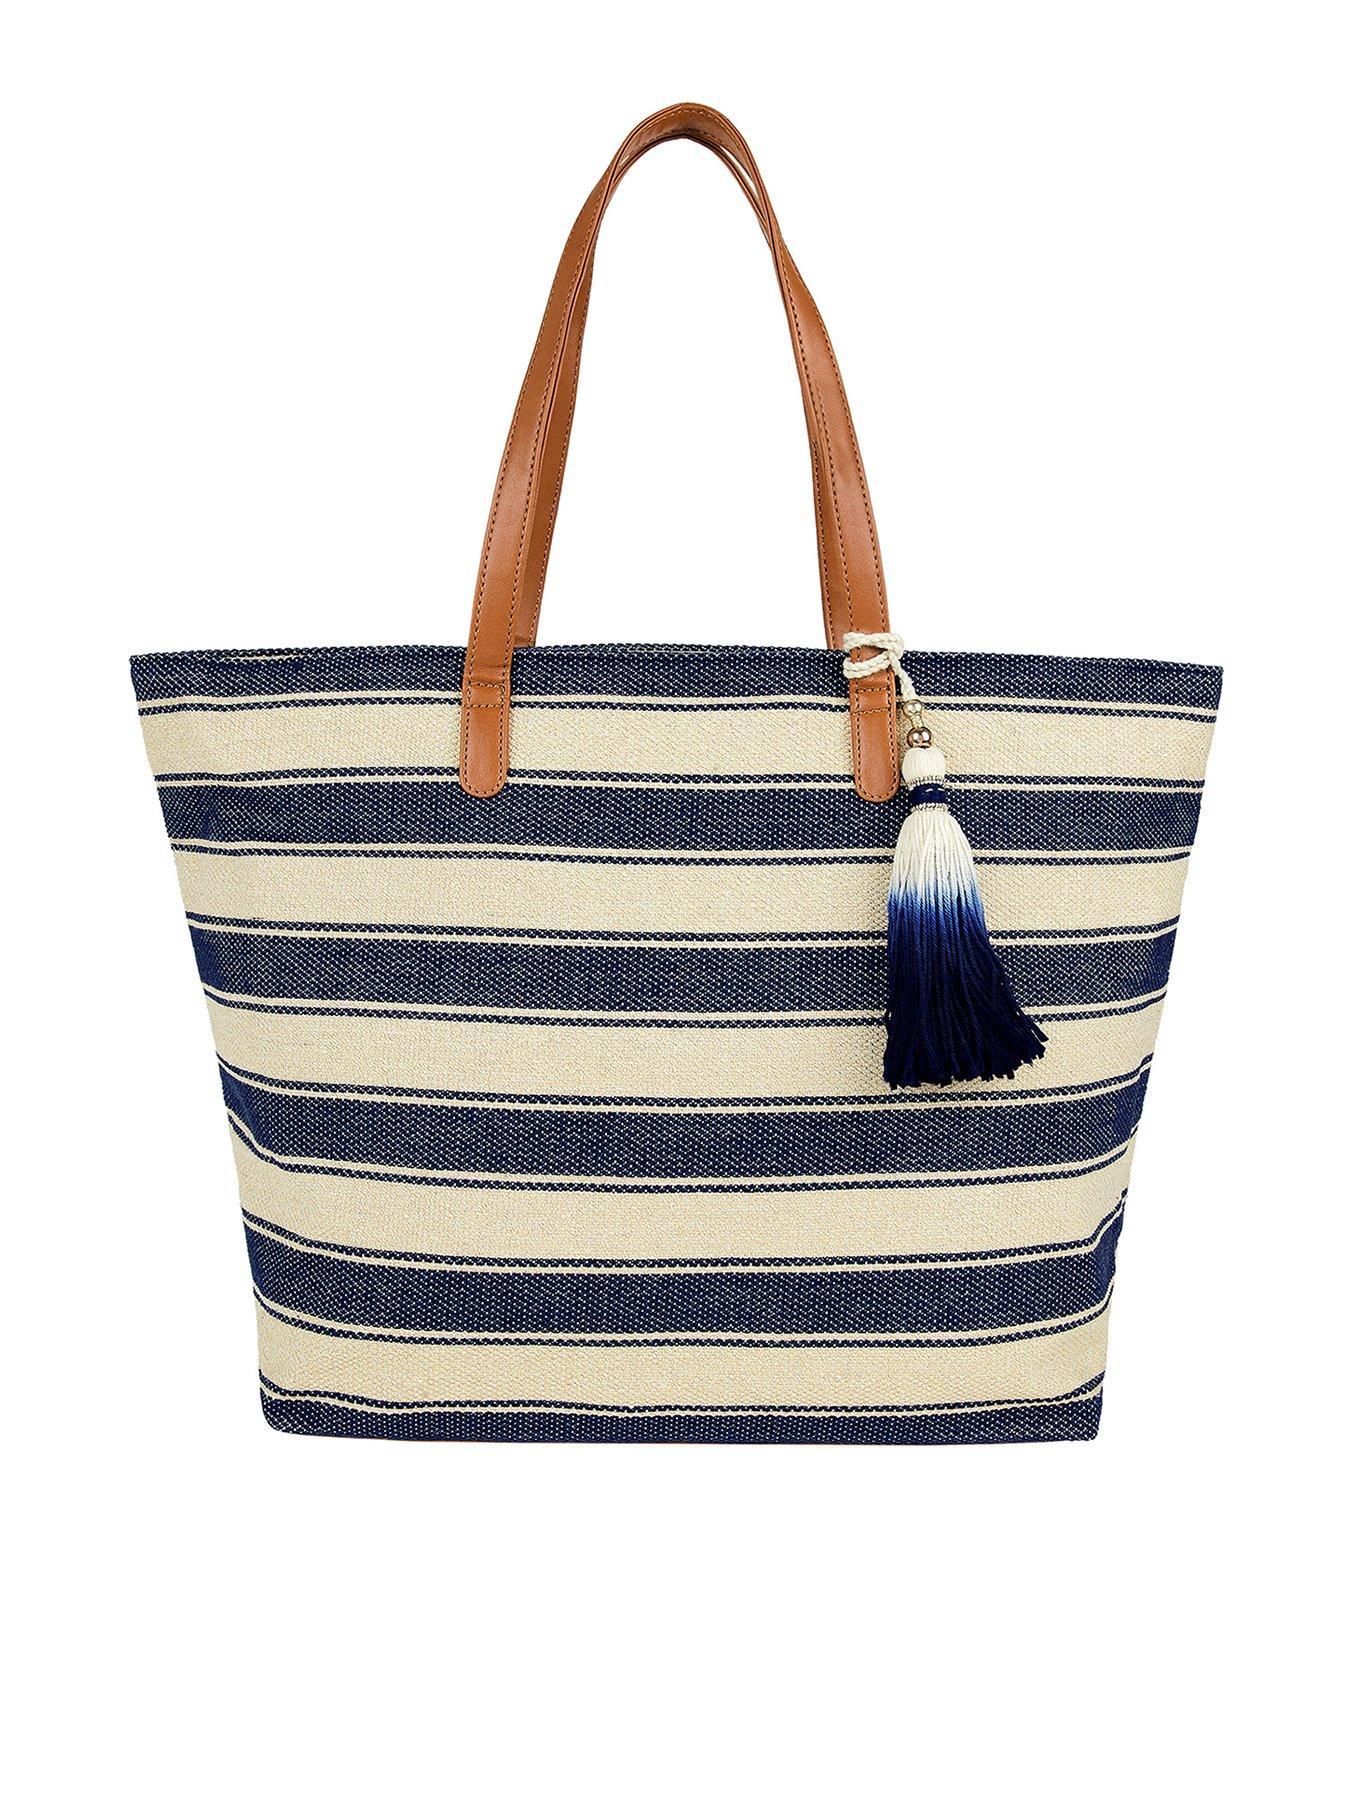 Nike Women/'s Graphic Reversible Tote Bag Ladies Shoulder Bag 2 in 1 Beach Bag